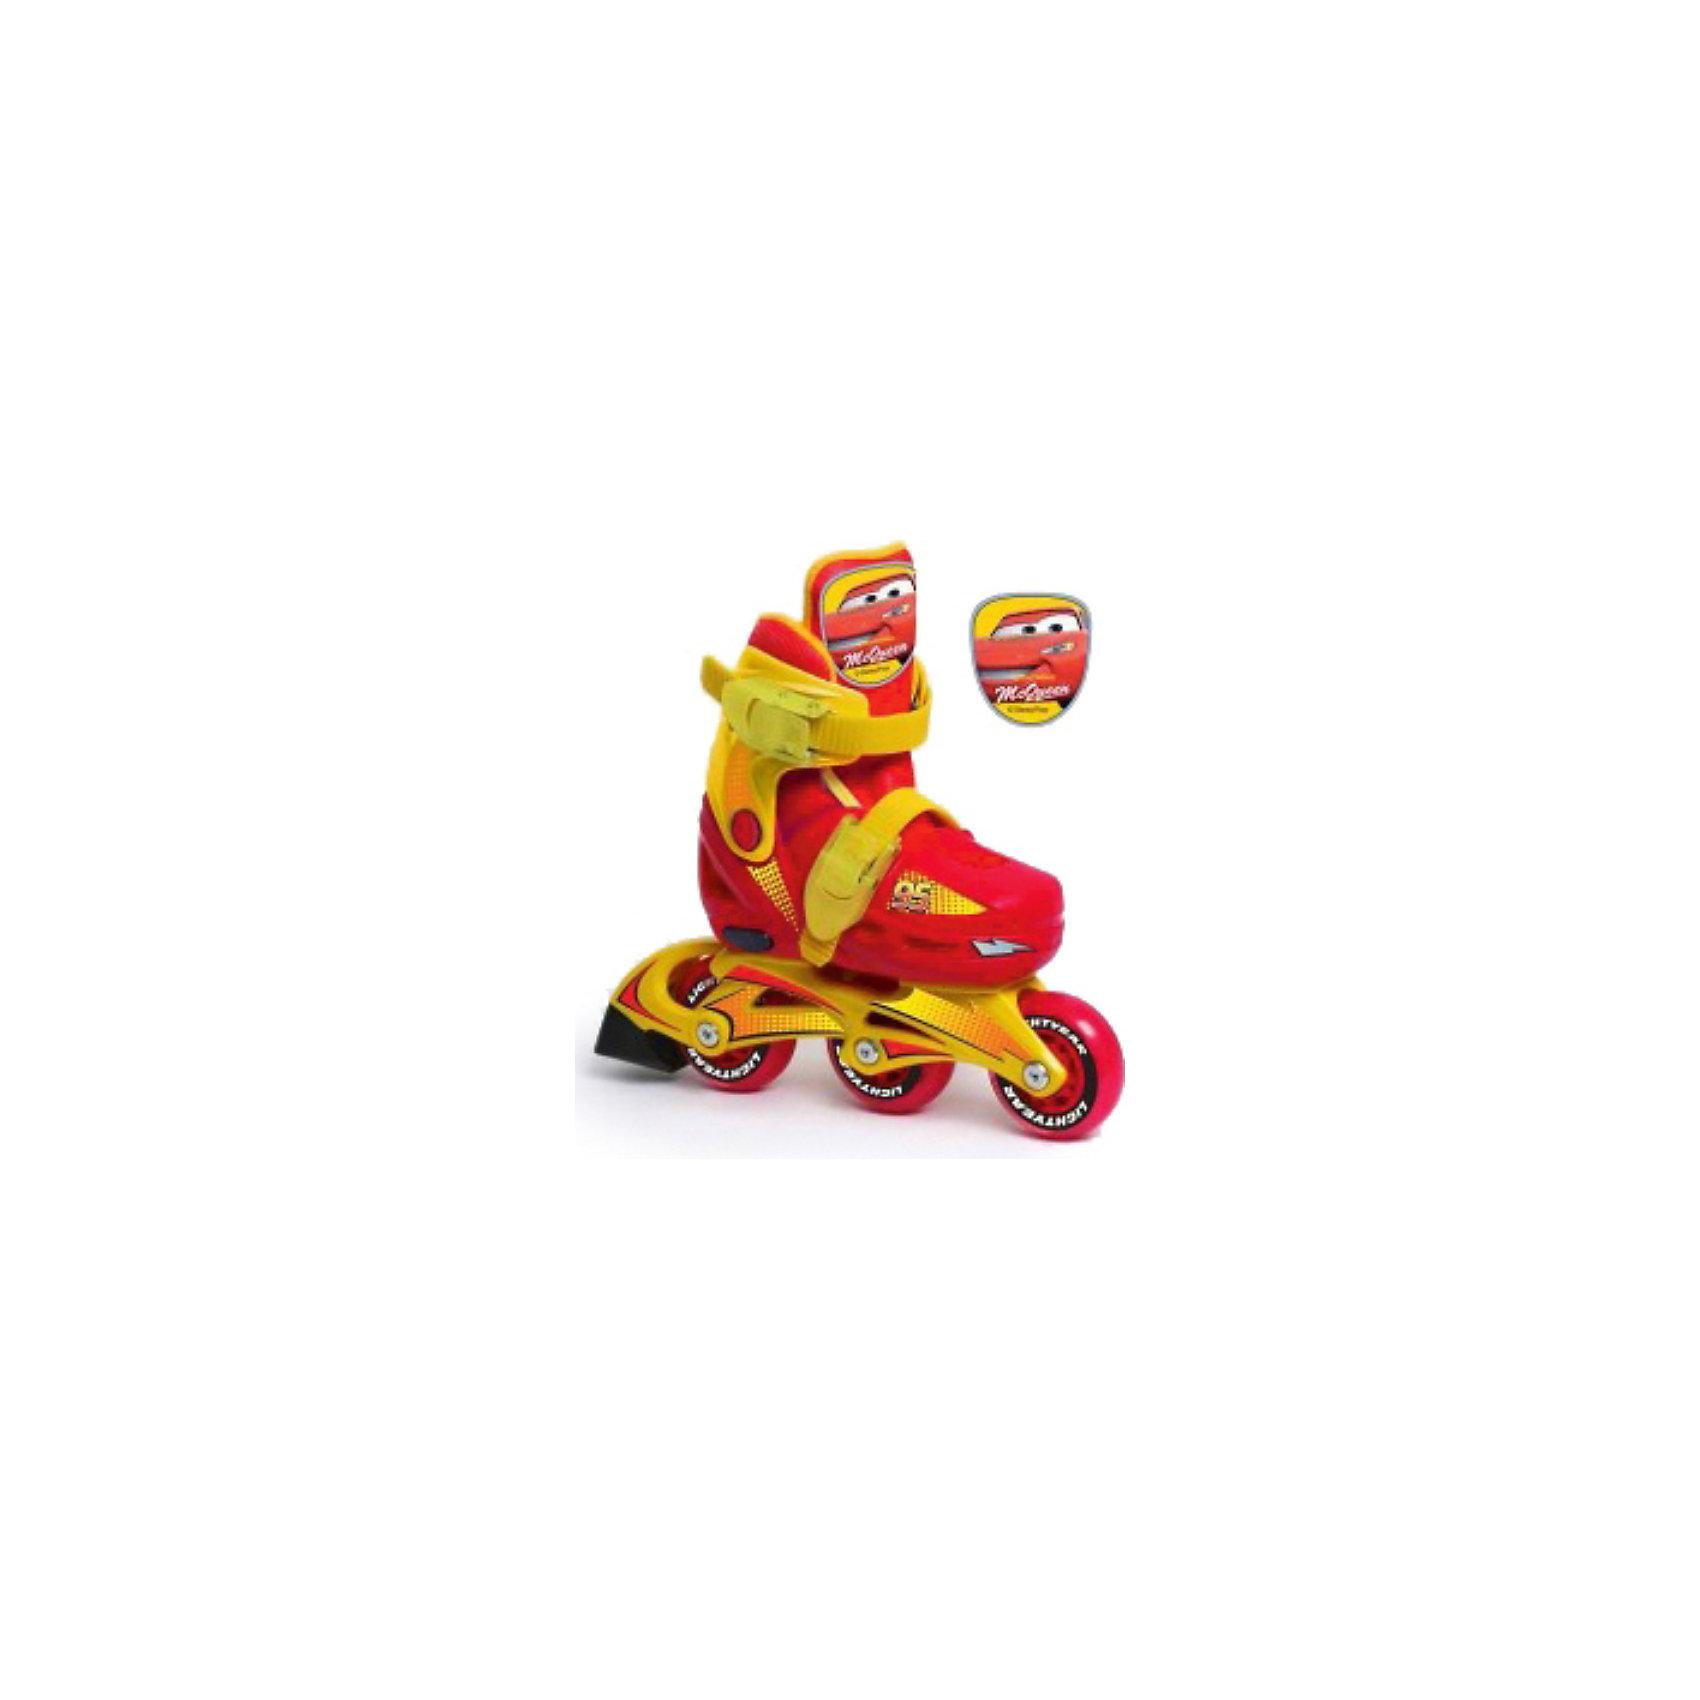 Роликовые коньки с пластиковой рамой, ТачкиУдобные детские раздвижные ролики Тачки (Cars) идеально подходят для комфортного и безопасного катания Вашего ребенка. Их вполне могут использовать как малыши, которые только учатся роликовому спорту, так и дети постарше. Ролики выполнены в стиле популярного диснеевского мультфильма Тачки (Cars) и украшены изображением главного персонажа Молнии МакКуина.<br><br>Жесткий ботинок со съемным внутренним сапожком обеспечивает удобство и безопасность во время катания. Специальные застежки - клипсыа с фиксатором - хорошо фиксируют ногу. Ролики оснащены кнопочной системой раздвижения на 3 полных размера, что позволяет использовать их несколько сезонов. На заднем колесе имеется тормоз.<br><br>В роликах предусмотрена функция изменения конфигурации расположения колес (функция 2 в 1), колеса можно располагать как традиционно в линию, так и сдваивать задние колеса путем переноса среднего колеса назад. Данная функция помогает начинающим роллерам набираться опыта и держать равновесие с меньшим риском упасть и получить травму.<br><br>Дополнительная информация:<br><br>- Материал: пластик, текстиль.<br>- Рама пластиковая.<br>- Размер упаковки: 32 х 11 х 42 см. <br>- Вес: 1,9 кг. <br><br>Катание на роликах способствует общему физическому развитию ребенку, тренирует ловкость, координацию движений и выносливость.<br><br>Роликовые коньки с пластиковой рамой, Тачки (Cars) можно купить в нашем интернет-магазине.<br><br>Ширина мм: 310<br>Глубина мм: 100<br>Высота мм: 420<br>Вес г: 1900<br>Цвет: красно-черный<br>Возраст от месяцев: 36<br>Возраст до месяцев: 84<br>Пол: Мужской<br>Возраст: Детский<br>Размер: 30-33,26-29<br>SKU: 3602830